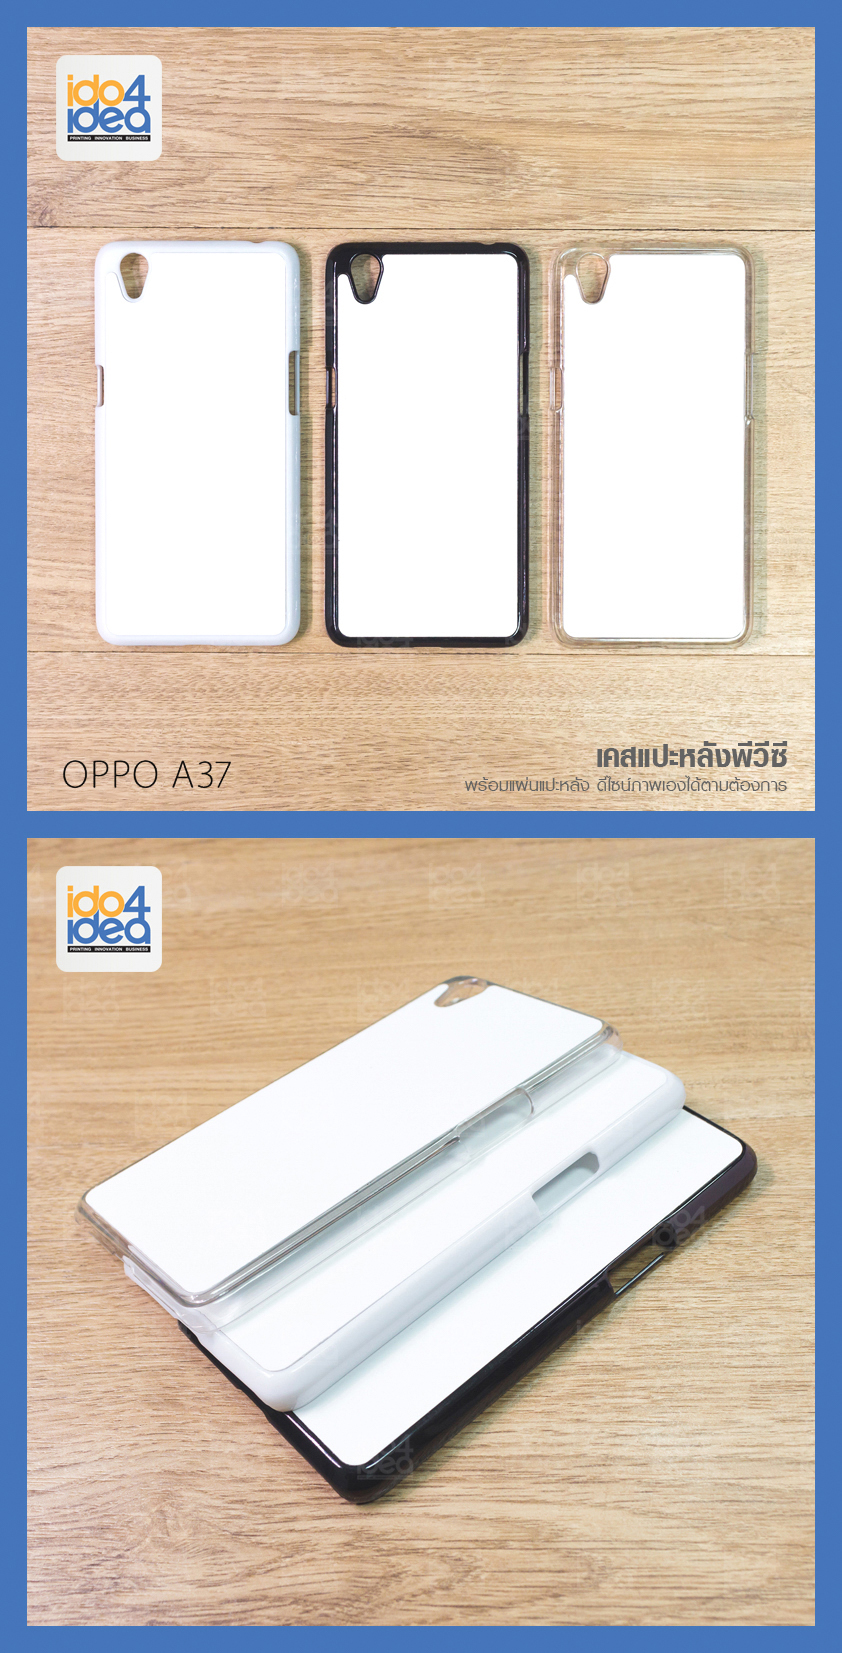 เคสพิมพ์ภาพ Oppo A37 PVC เนื้อมันเงา